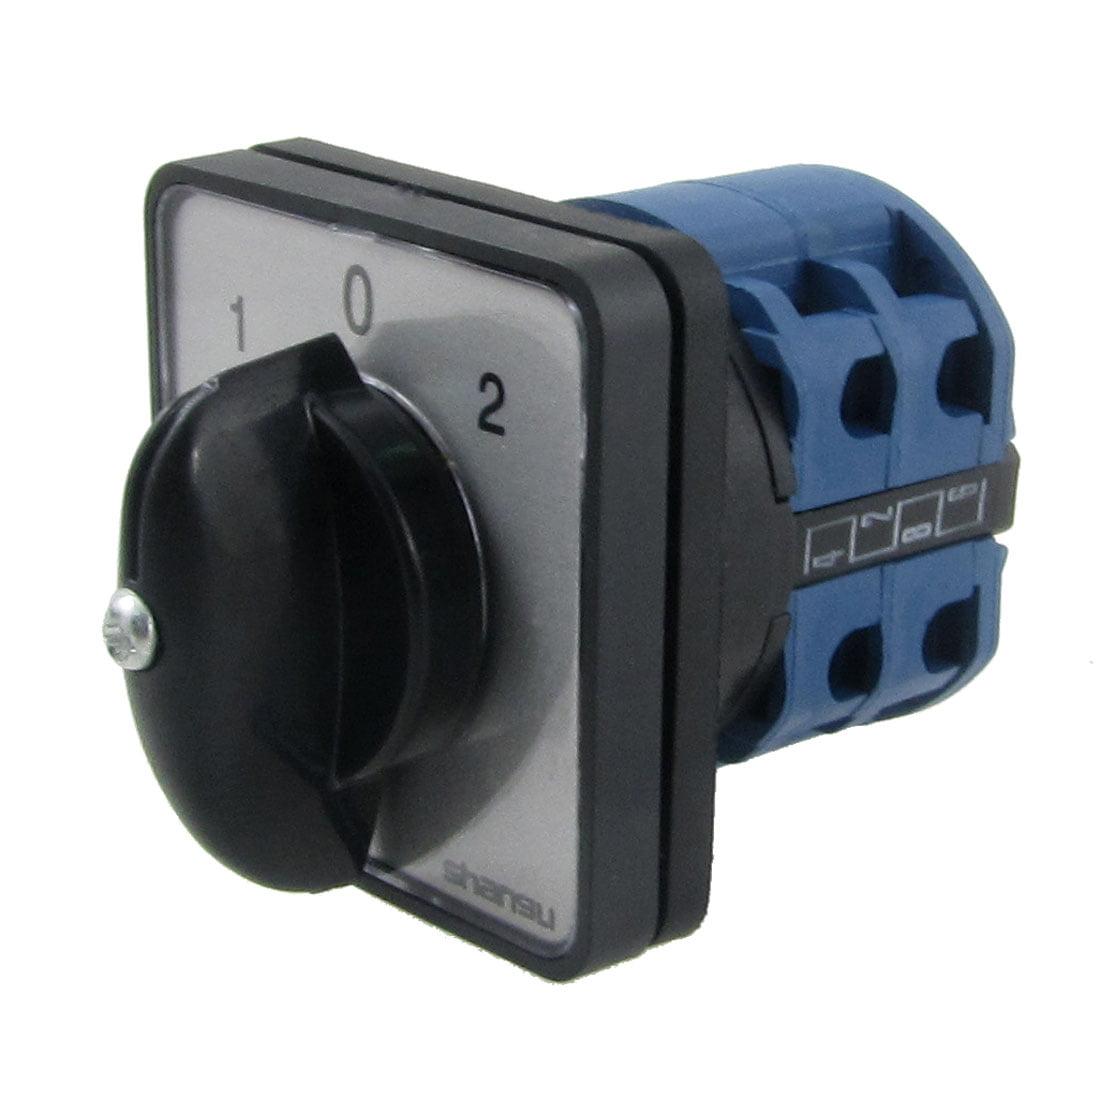 AC 440V 240V SUR/ARRêT/sur Position Came Rotative Universel Commutation Interrupteur - image 1 de 1